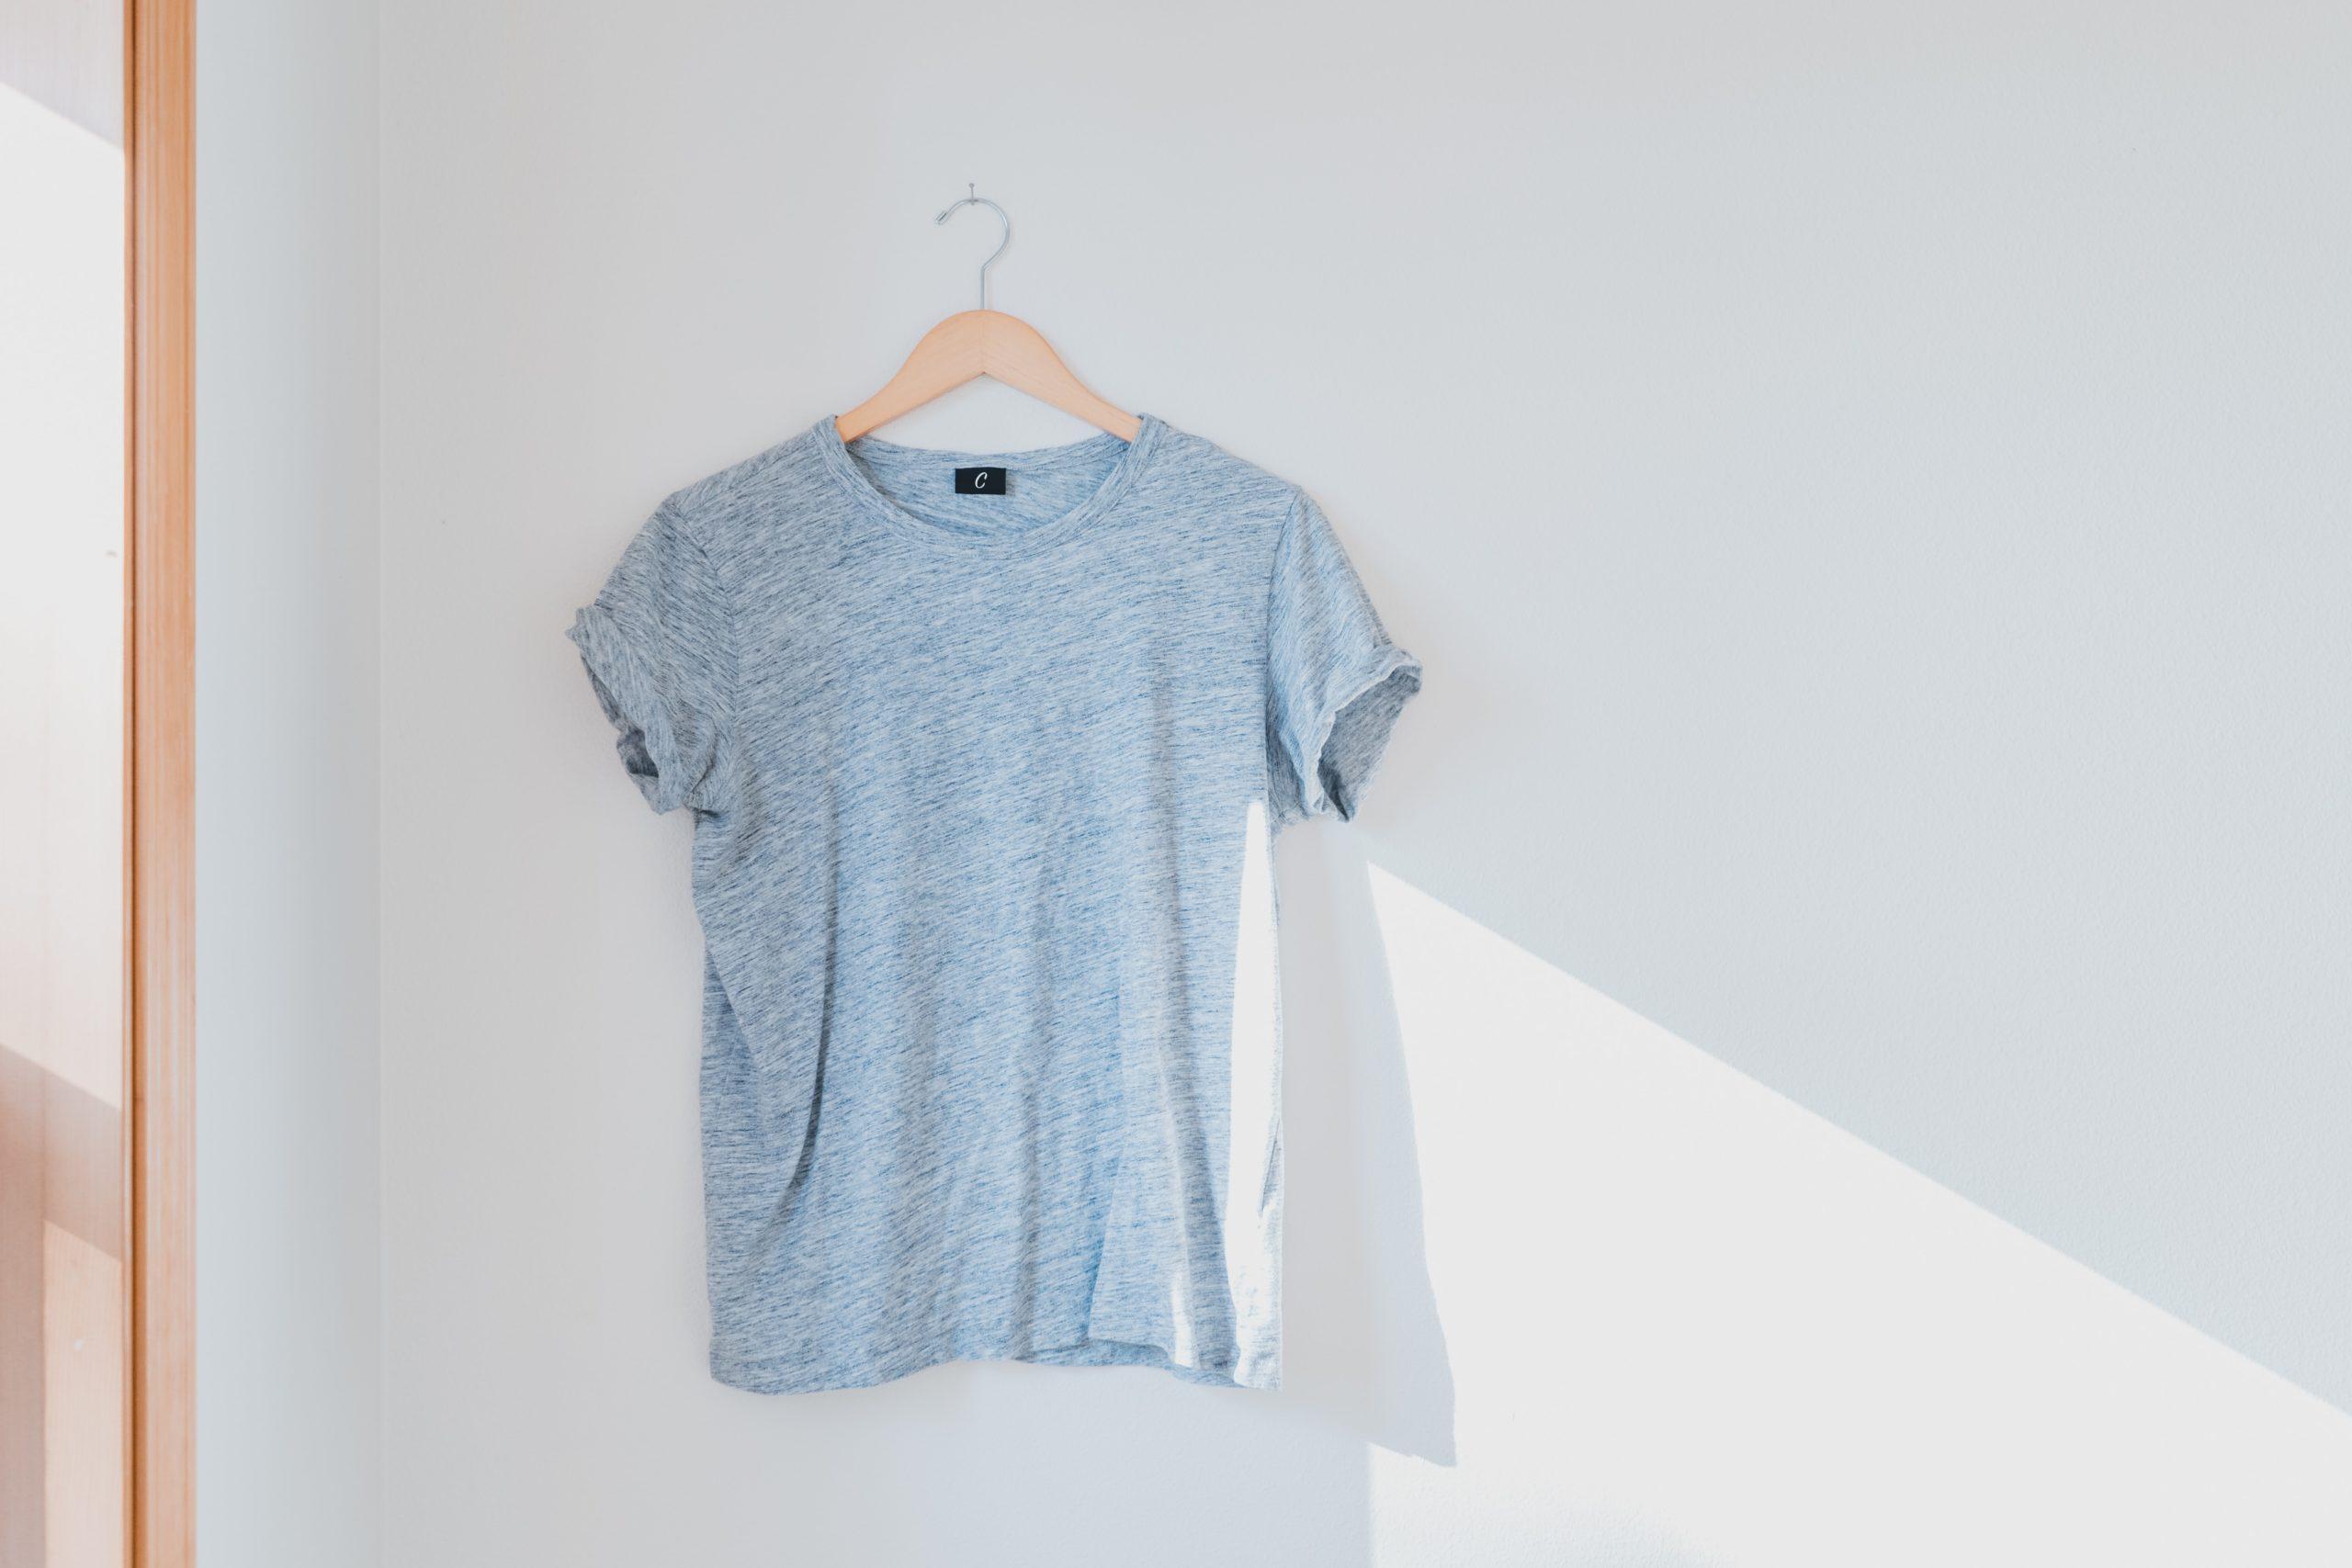 Zur Ergänzung des Textes. Einzelnes T-shirt hängt an der Wand.